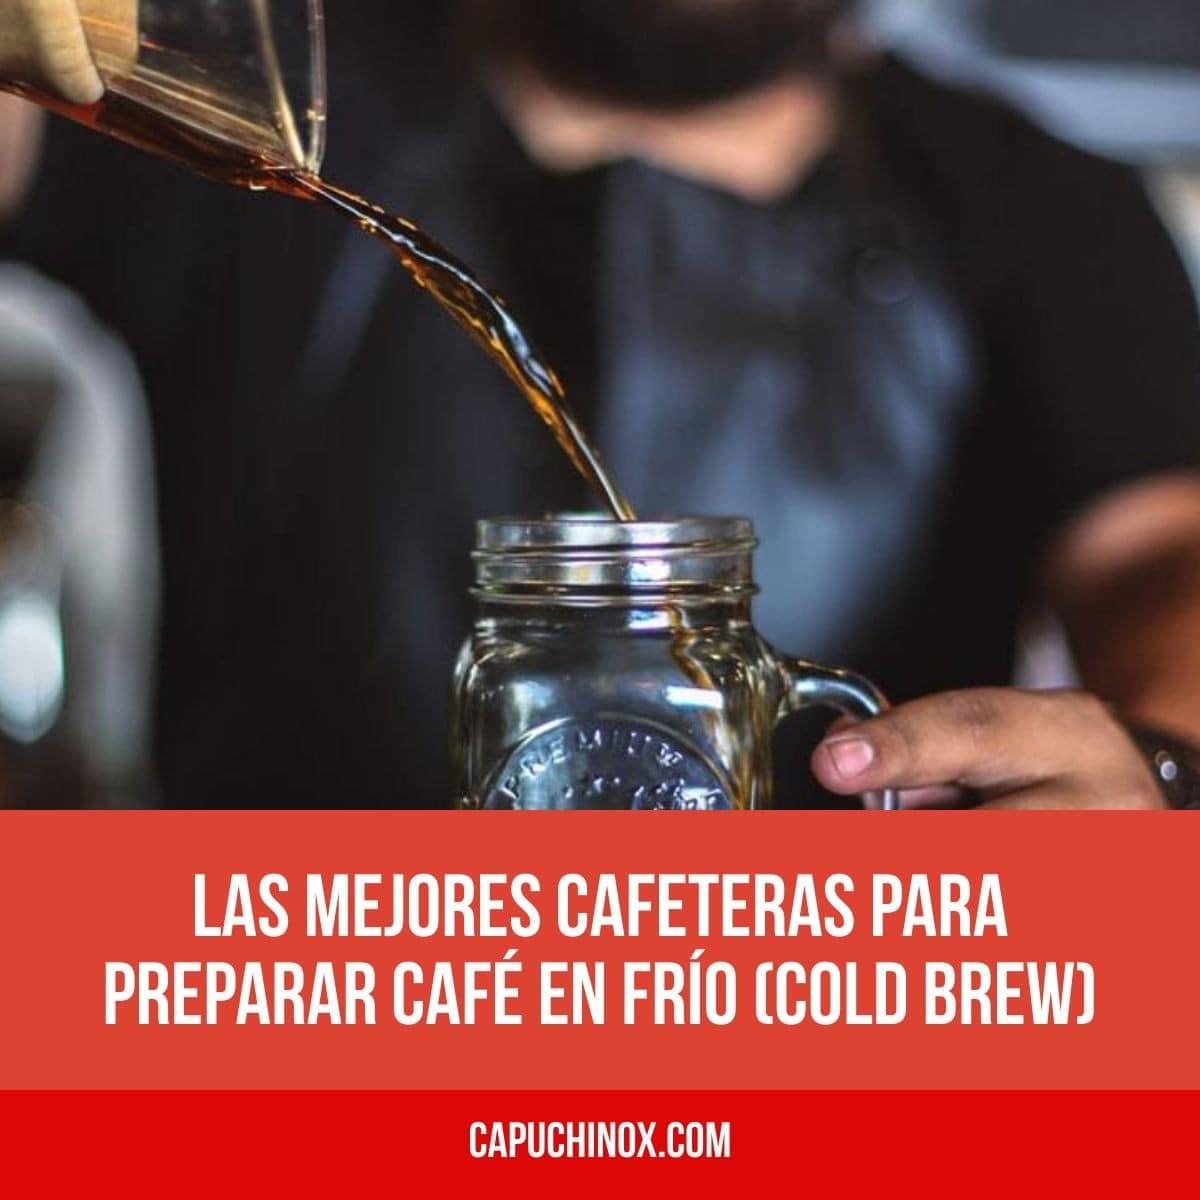 Las mejores cafeteras para preparar café en frío (Cold Brew)